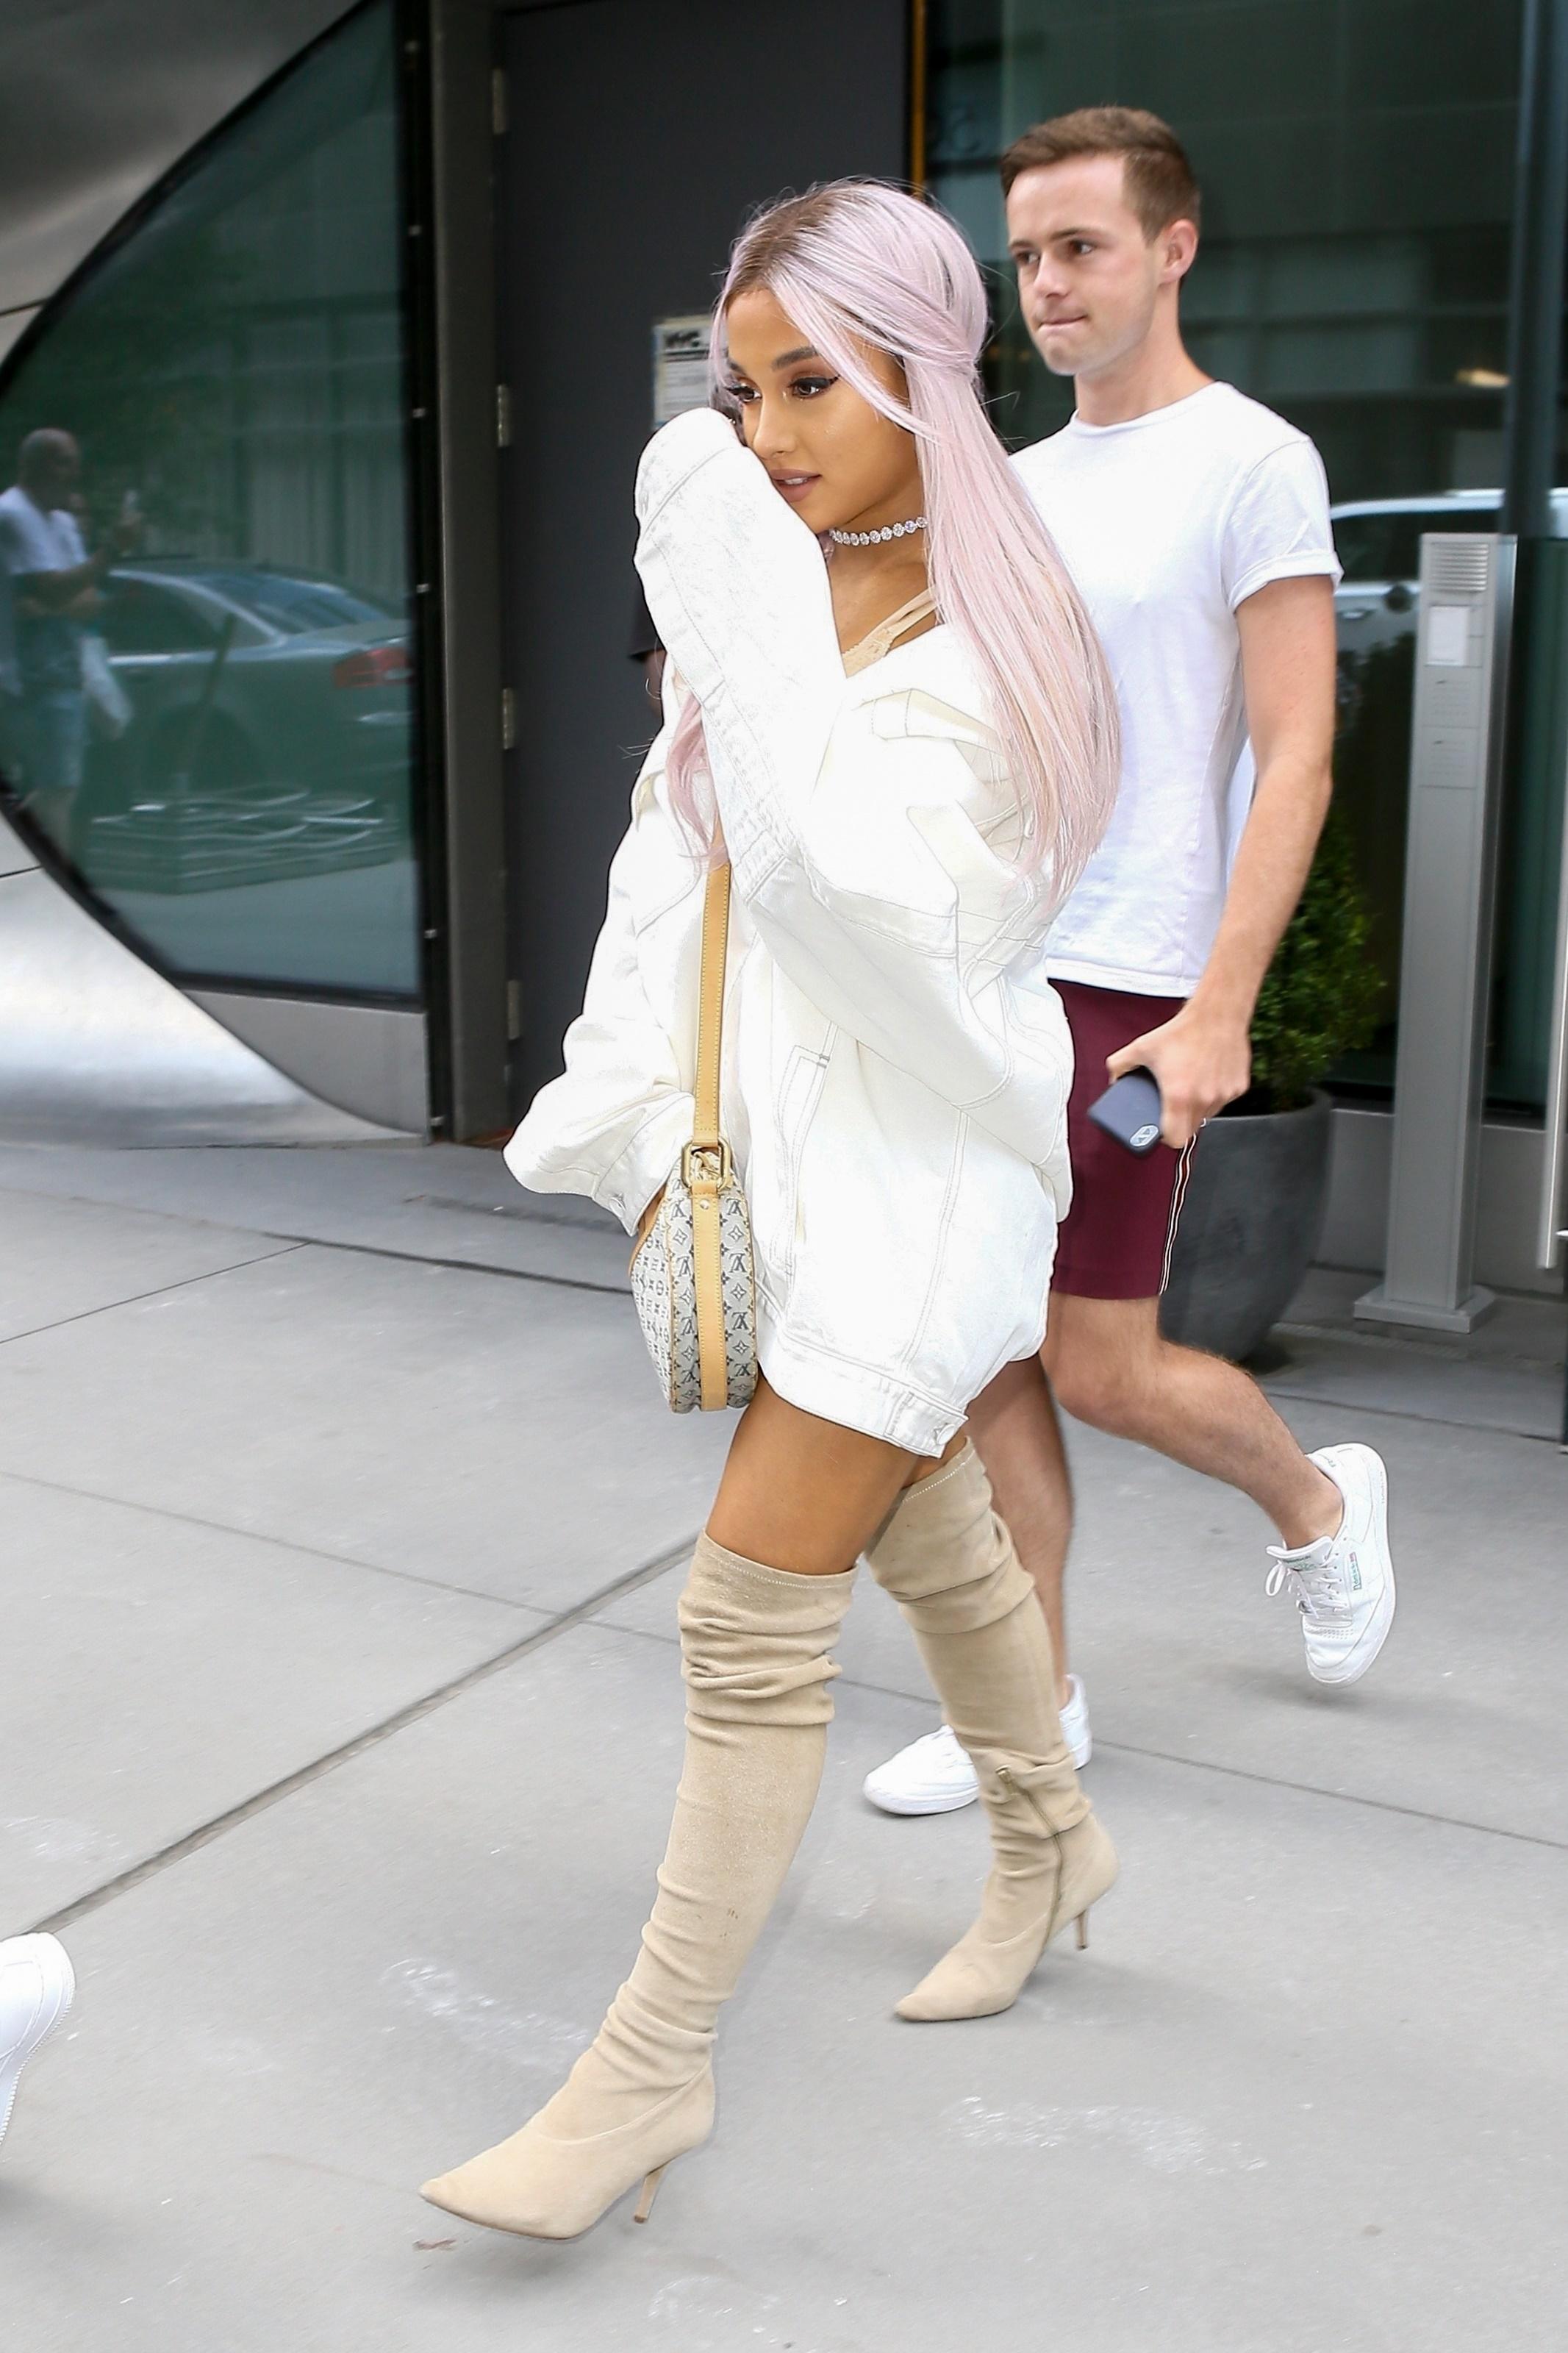 Ariana Grande de look nude e cabelo lavanda no street style